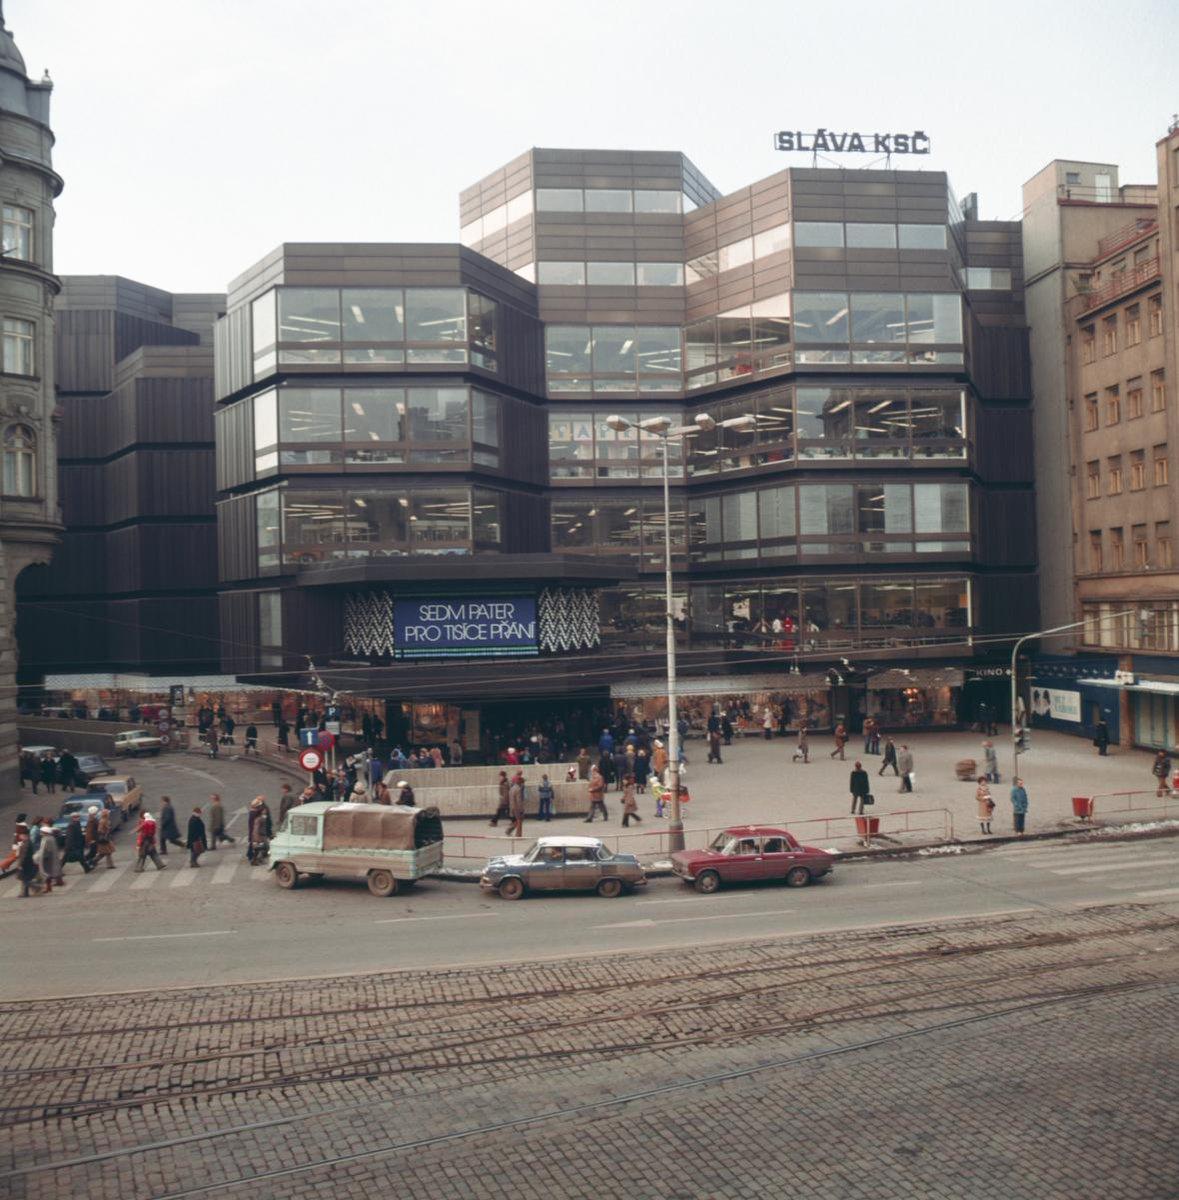 Pražský obchodní dům Kotva slaví tento týden své 45. narozeniny. Stavba byla postavena v 70. letech 20. století v architektonickém směru brutalismu. U otevření byli i vojáci z nedalekých kasáren, kteří museli zadržovat davy lidí zvědavých na nabídku zboží.